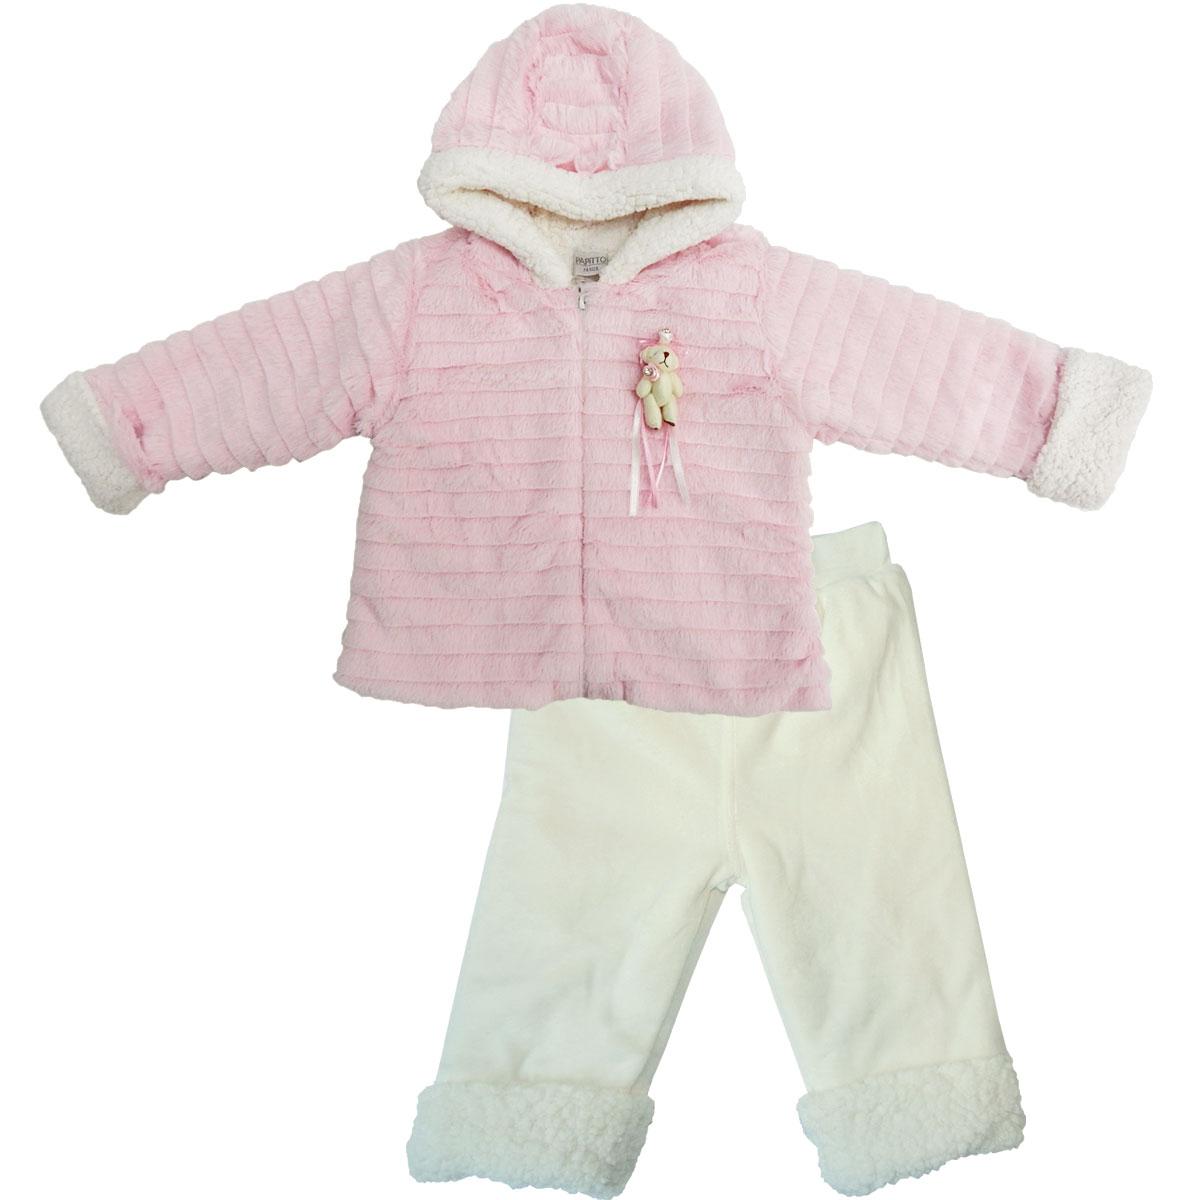 Купить Комплект детский утепленный 2 пр. Папитто розовый/экрю 53-5023-1 р.22-74, Комплекты для новорожденных